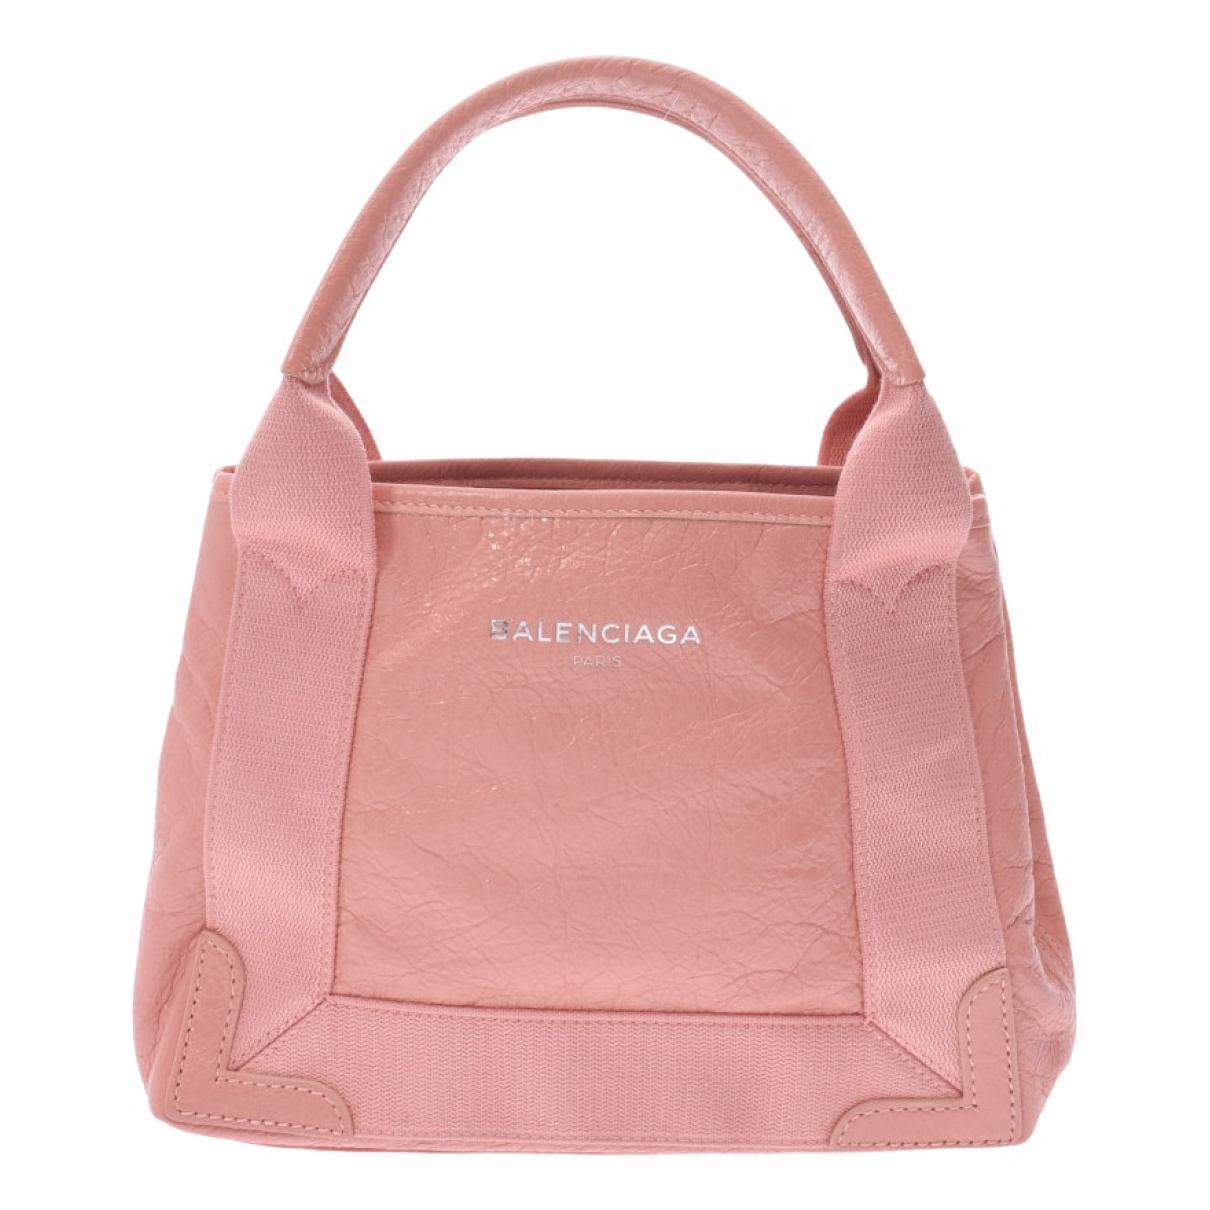 Balenciaga - Sac a main Navy cabas pour femme en cuir - rose